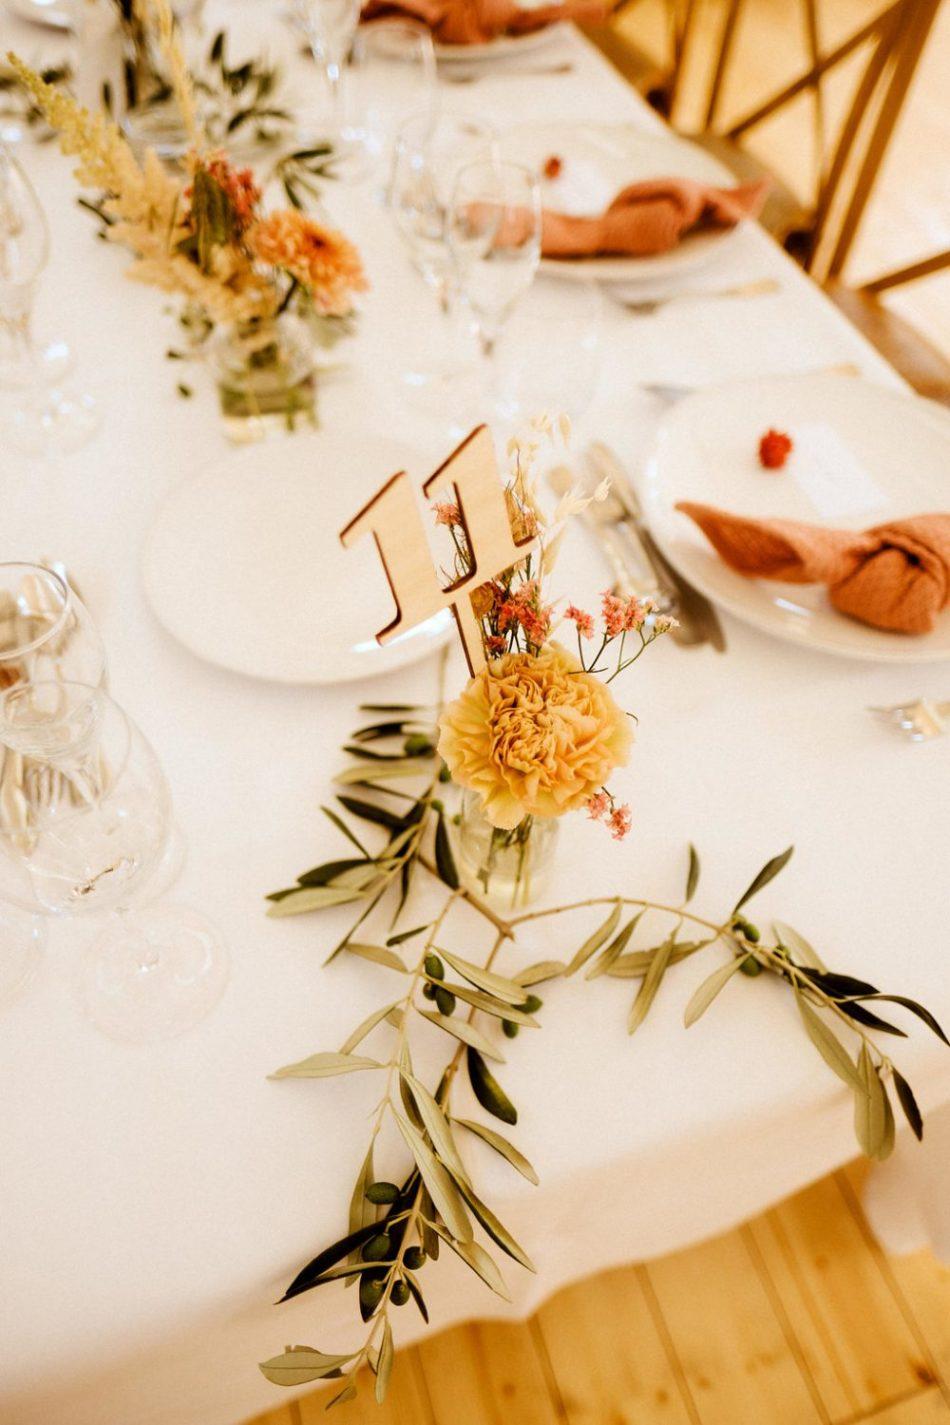 deco de table avec des branches d'oliviers